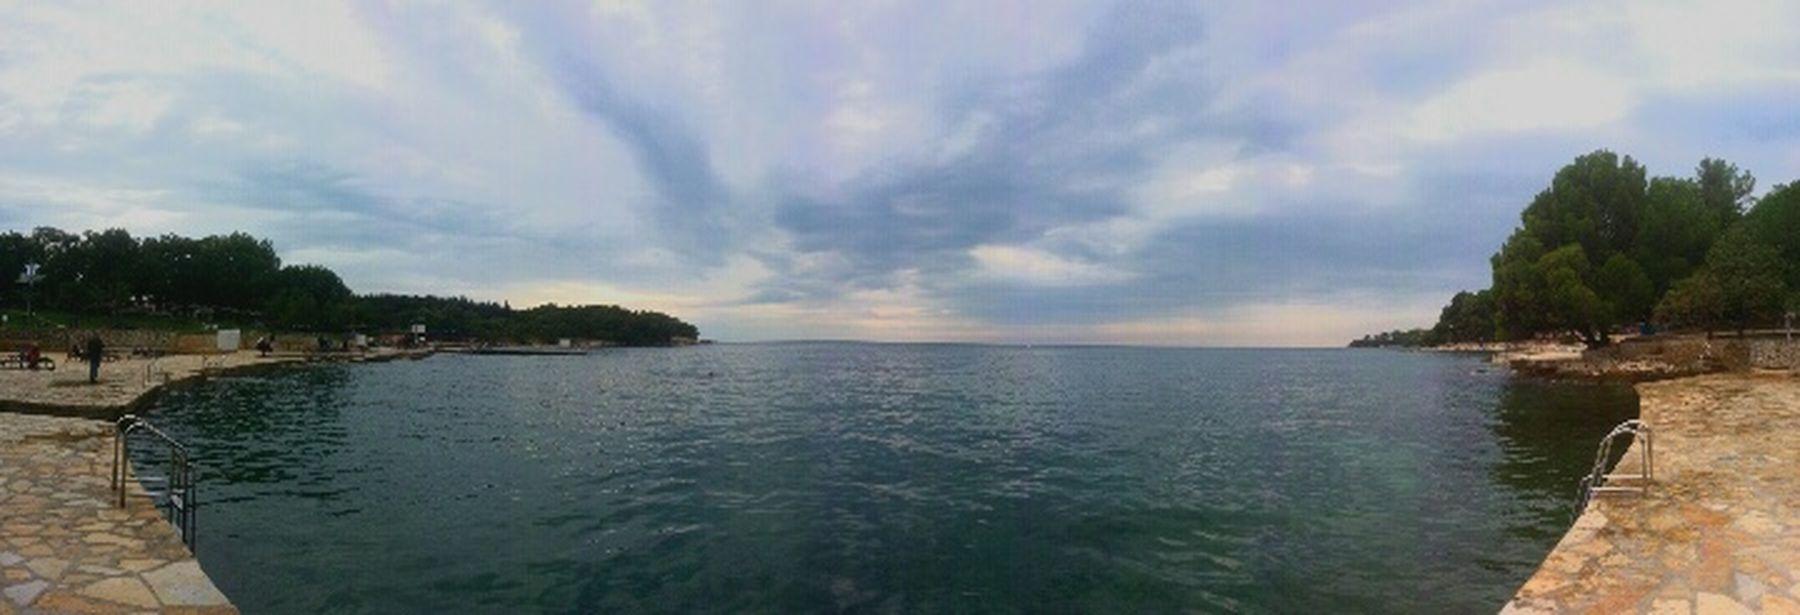 Croatia Holidays Summer Summer2015 2K15 Fun Sea And Sky Sea Powerofnature Nature Beautiful